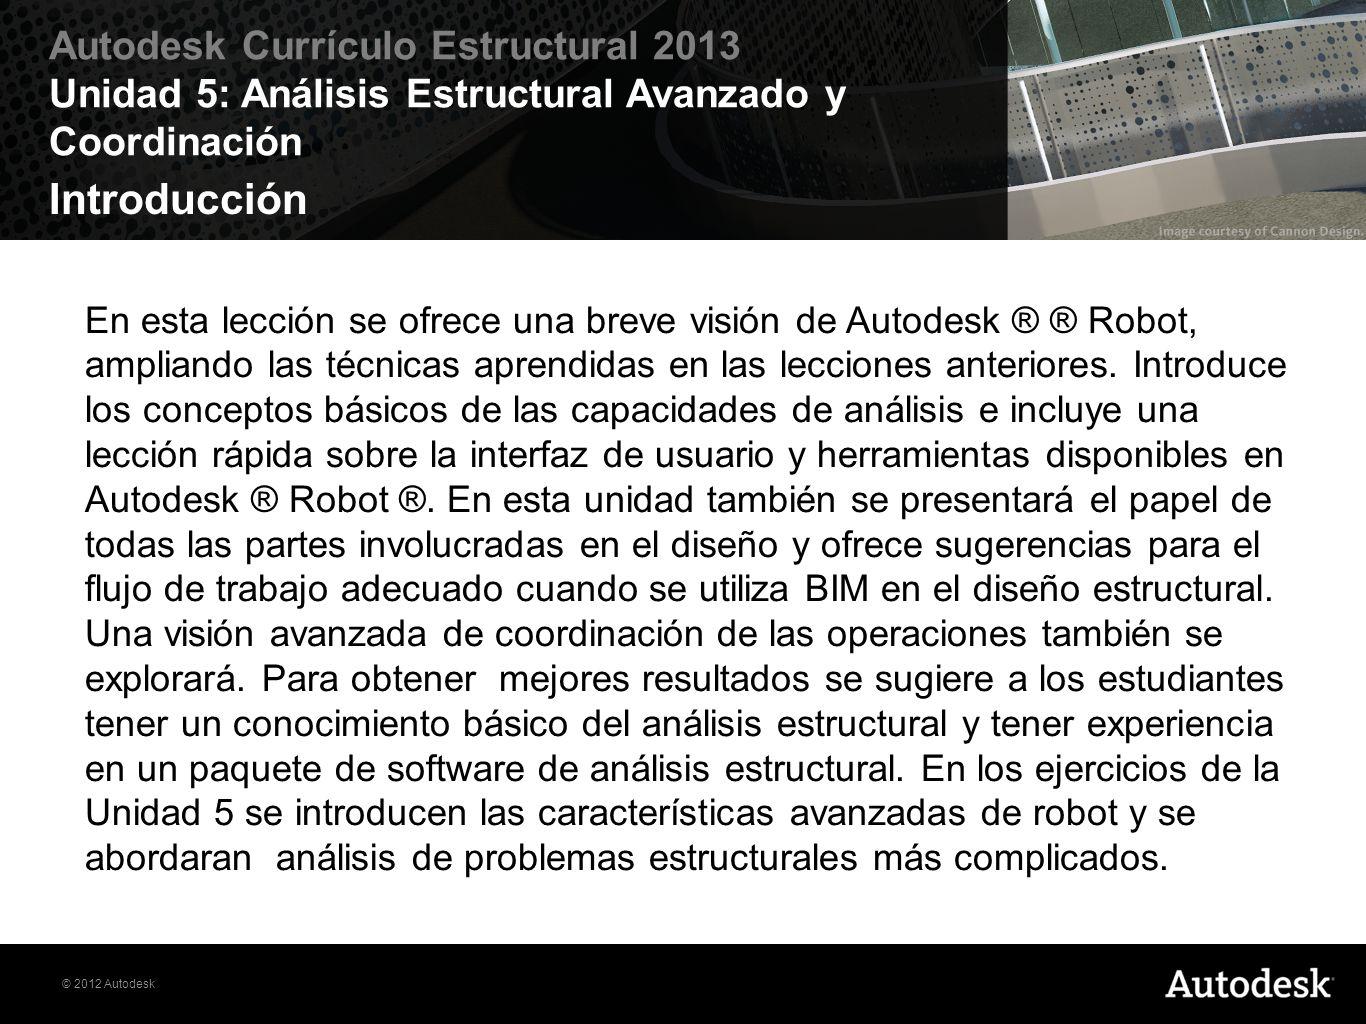 © 2012 Autodesk Autodesk Currículo Estructural 2013 Unidad 5: Análisis Estructural Avanzado y Coordinación Introducción En esta lección se ofrece una